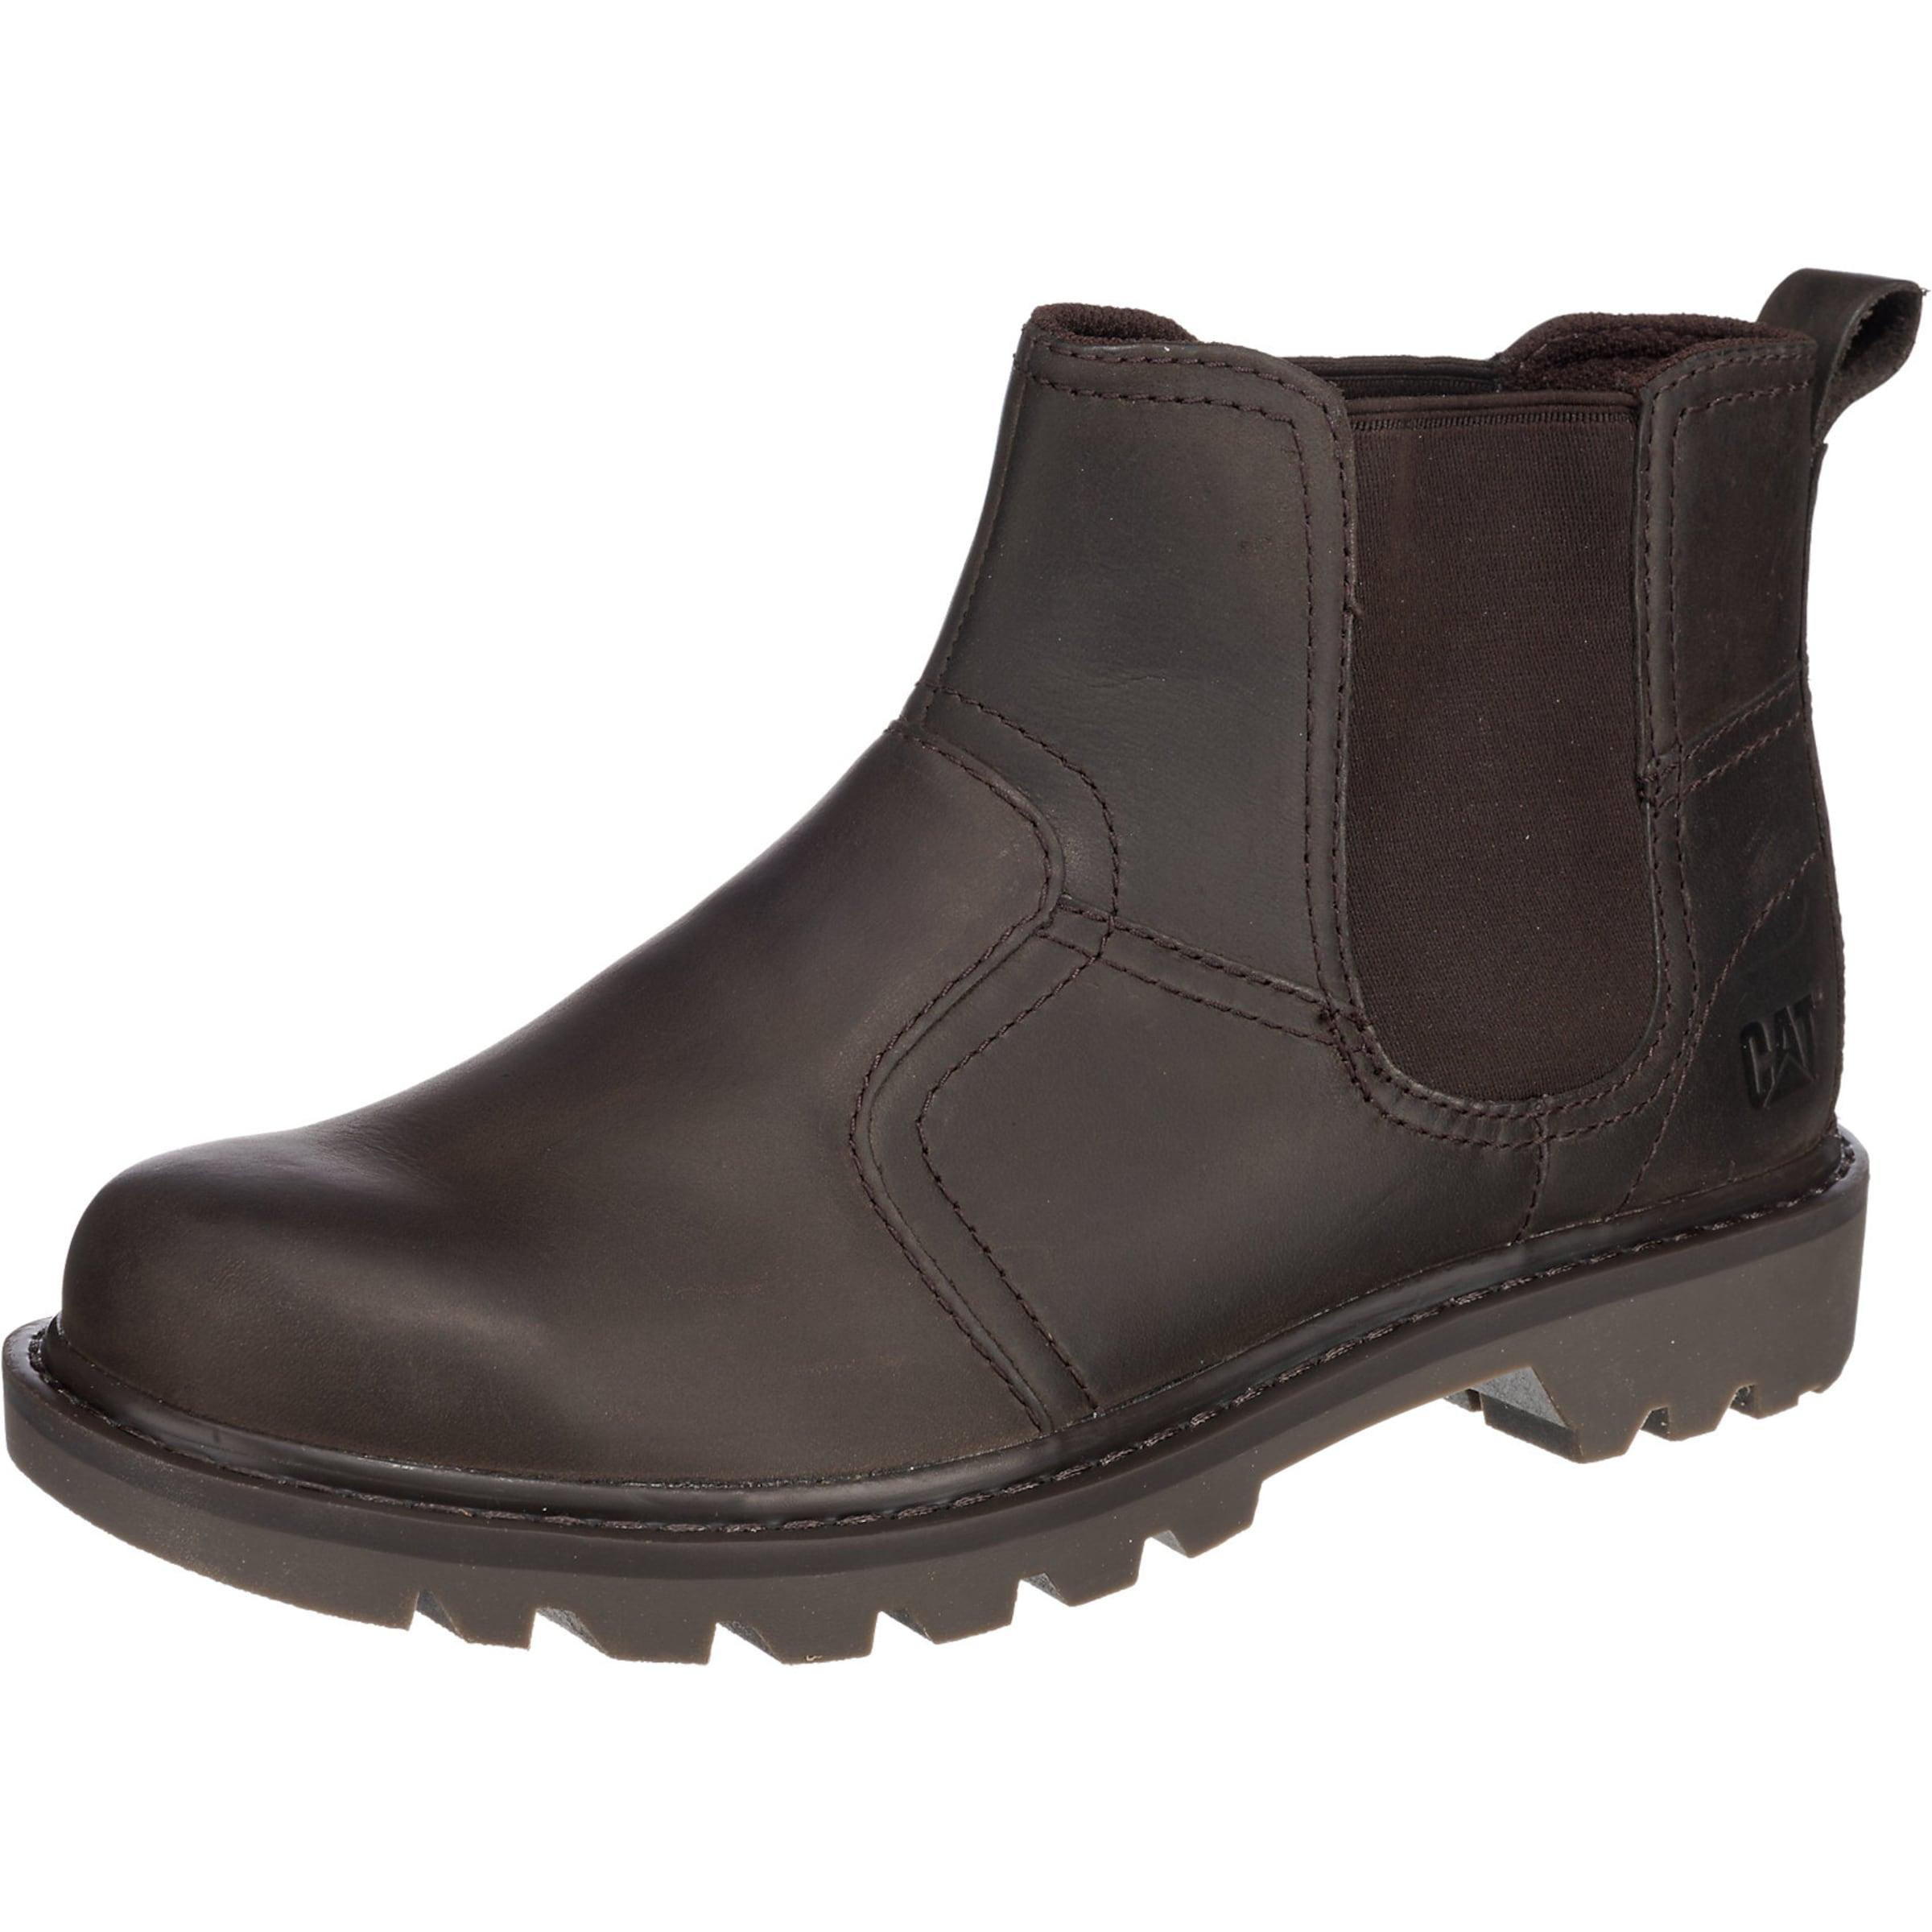 CATERPILLAR Thornberry Stiefeletten Günstige und langlebige Schuhe